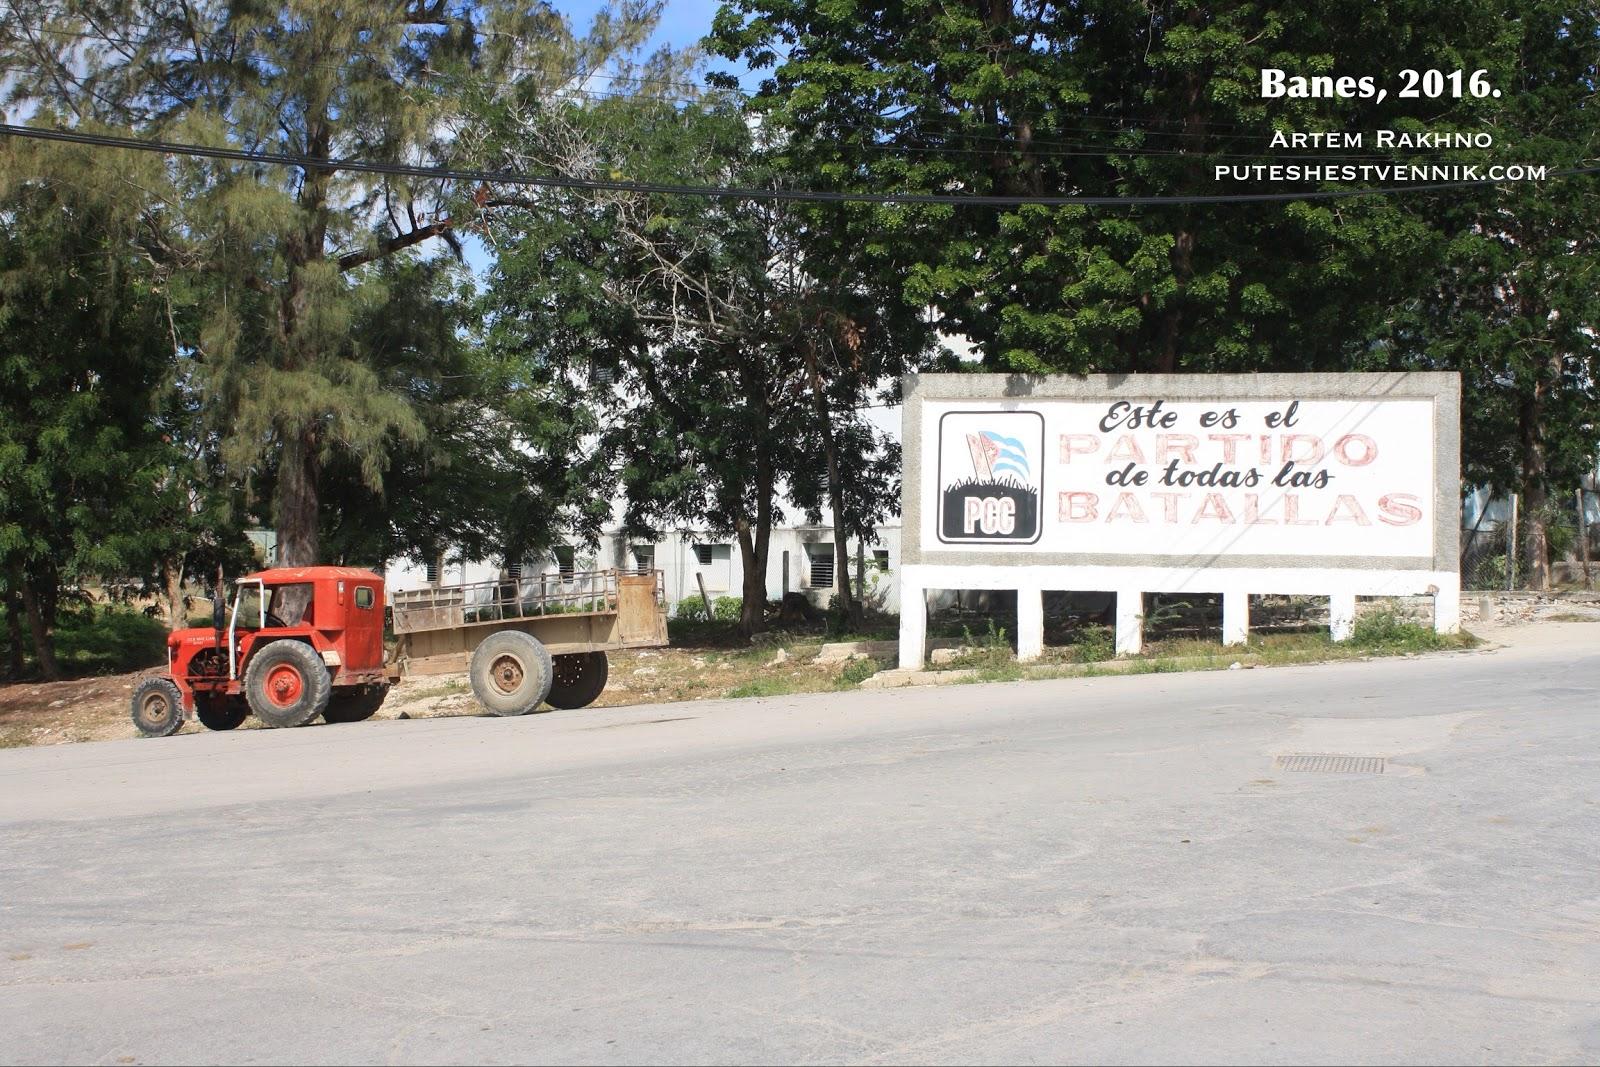 Трактор и кубинская пропаганда